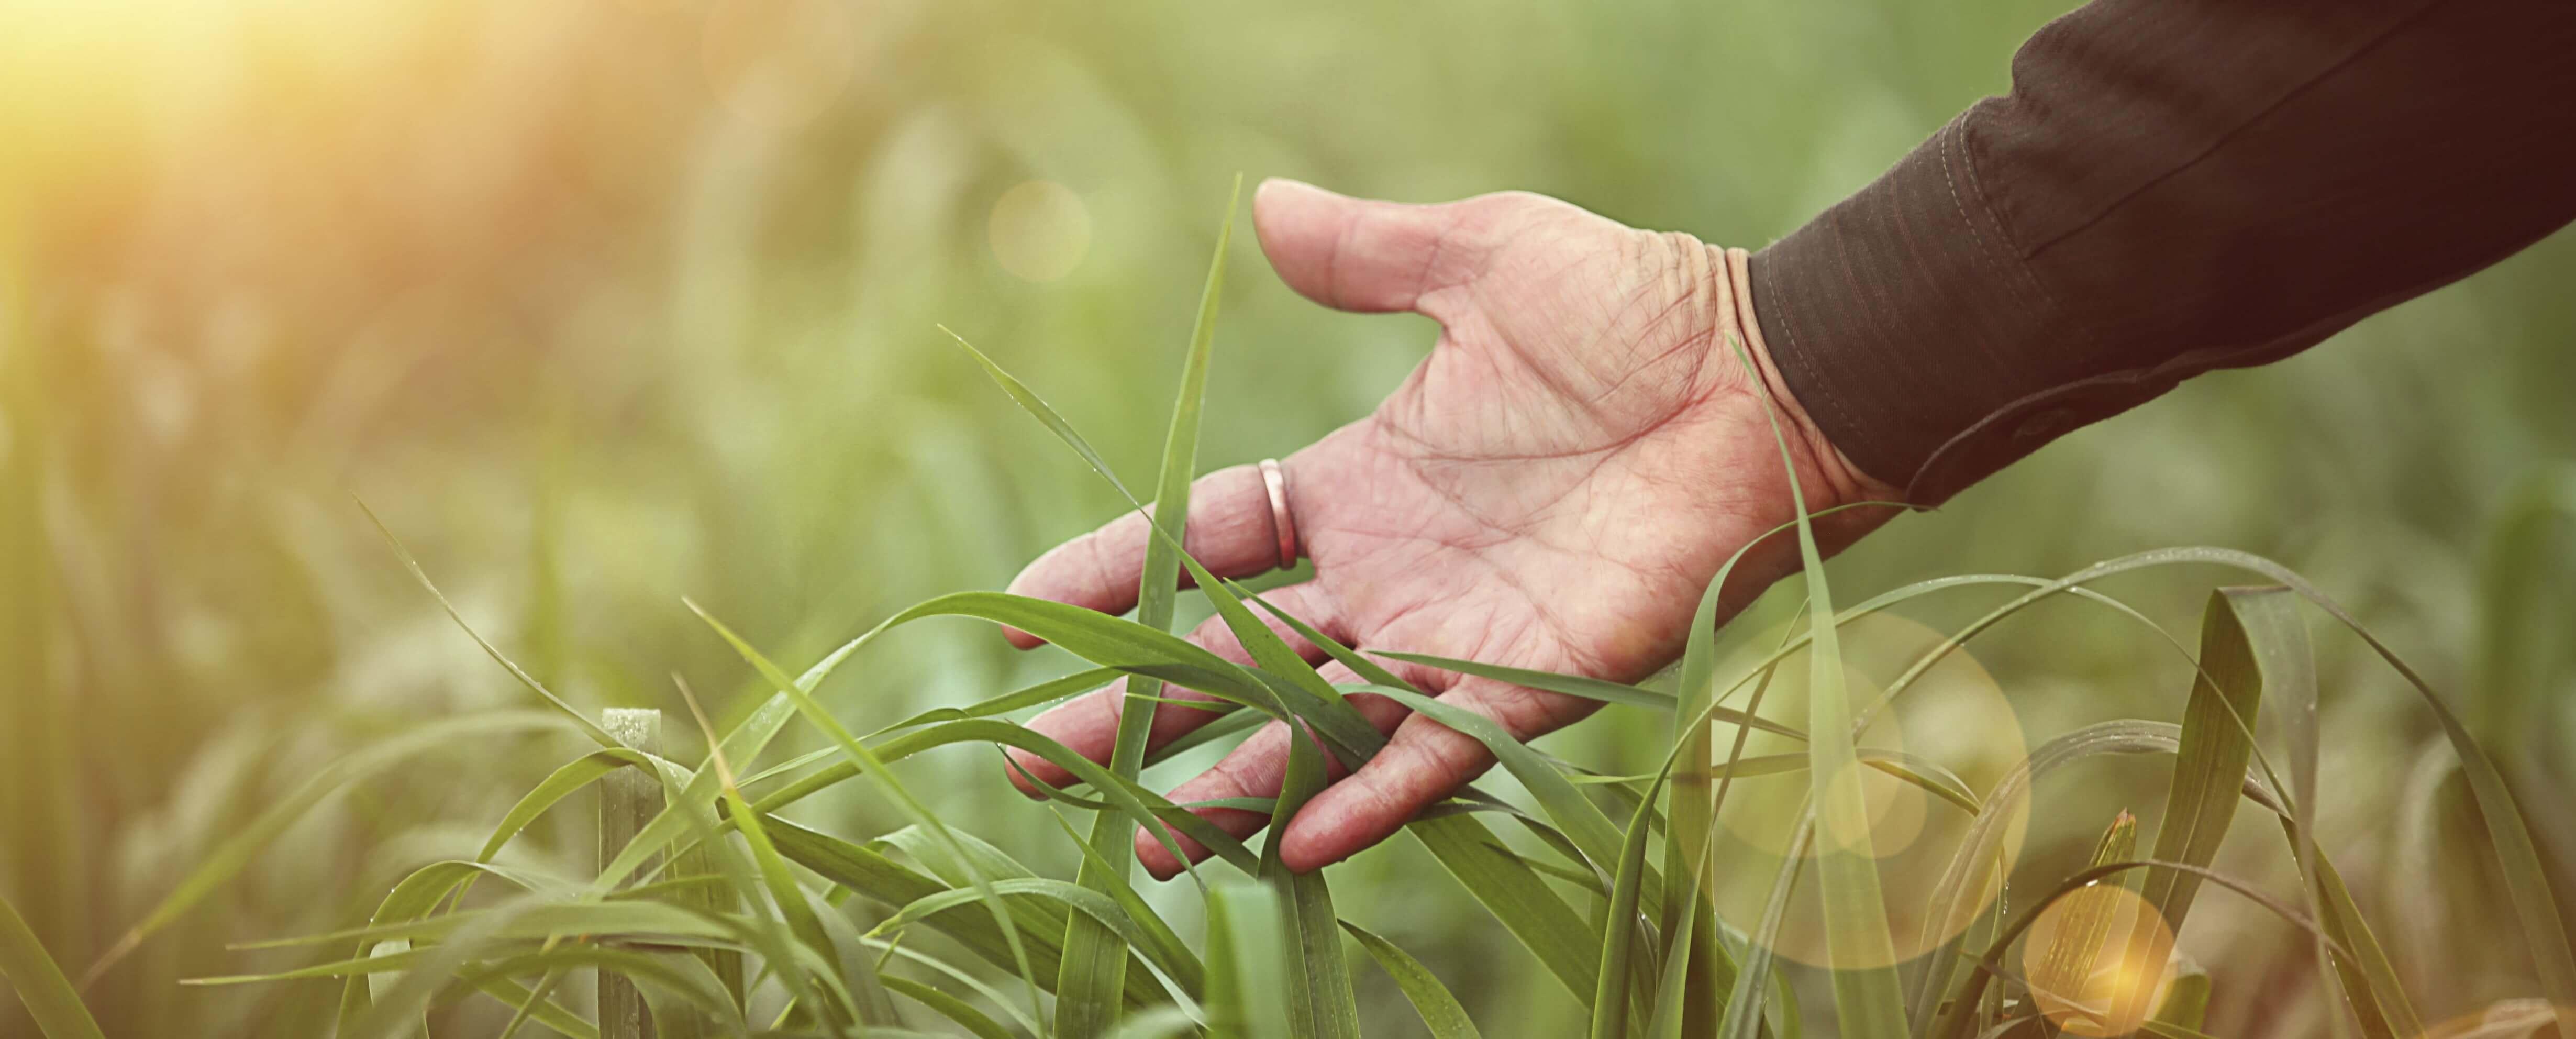 Identification d'agents pathogènes agricoles